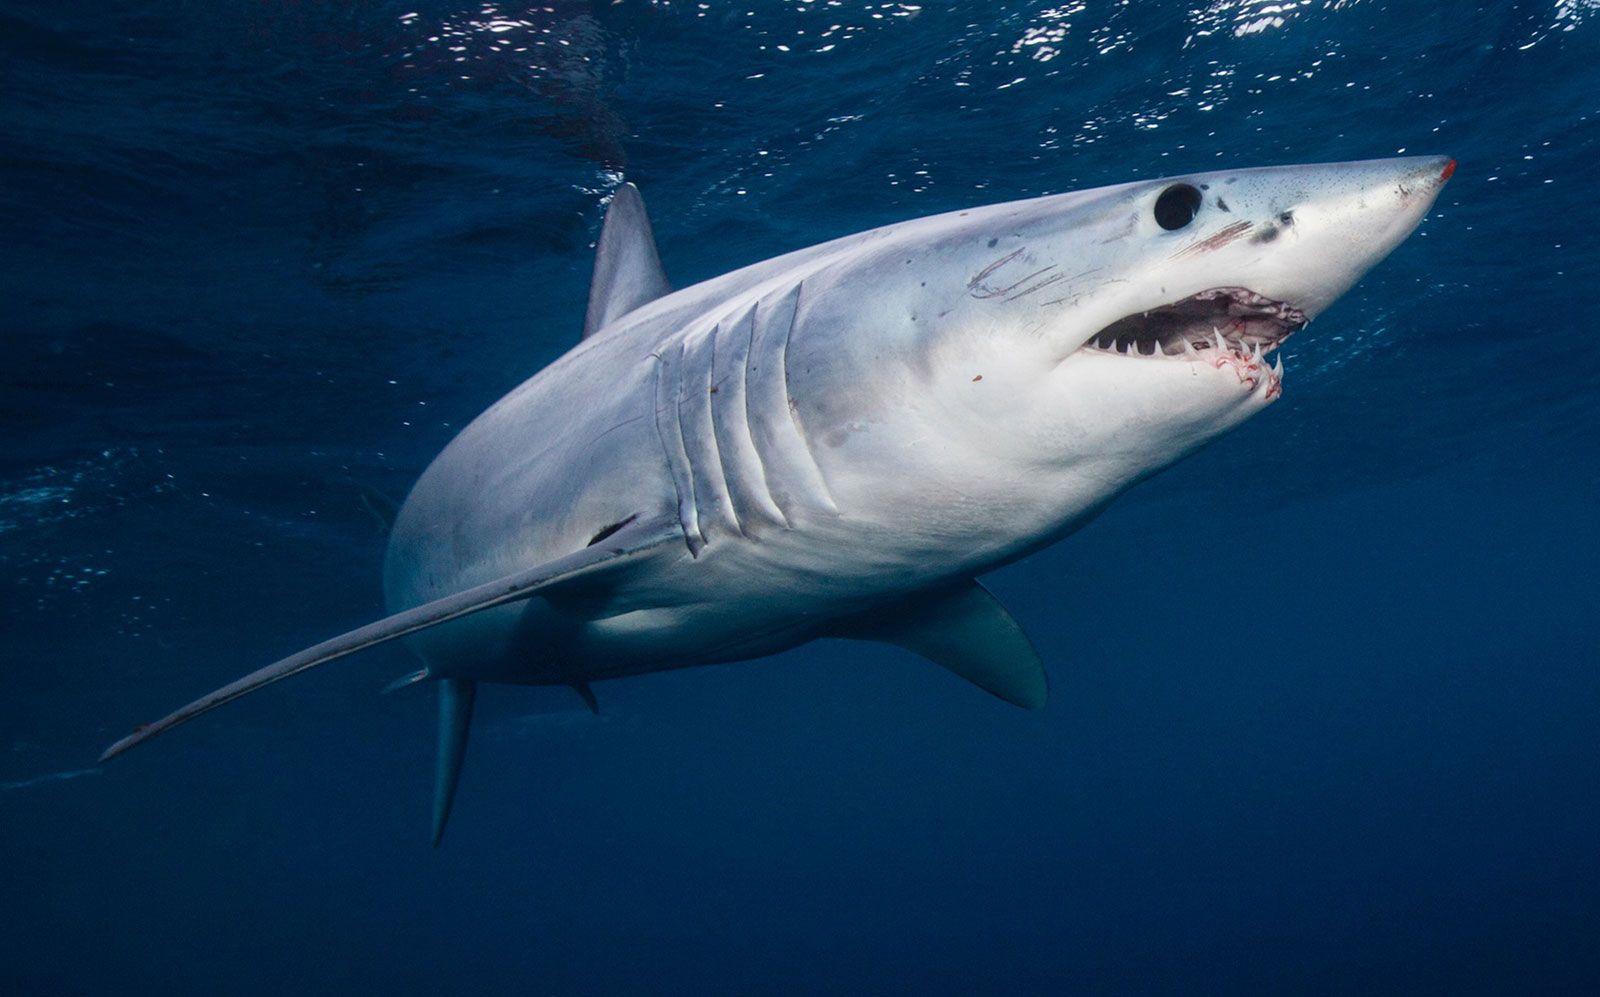 Man eaten by shark, wife identifies remains through wedding ring